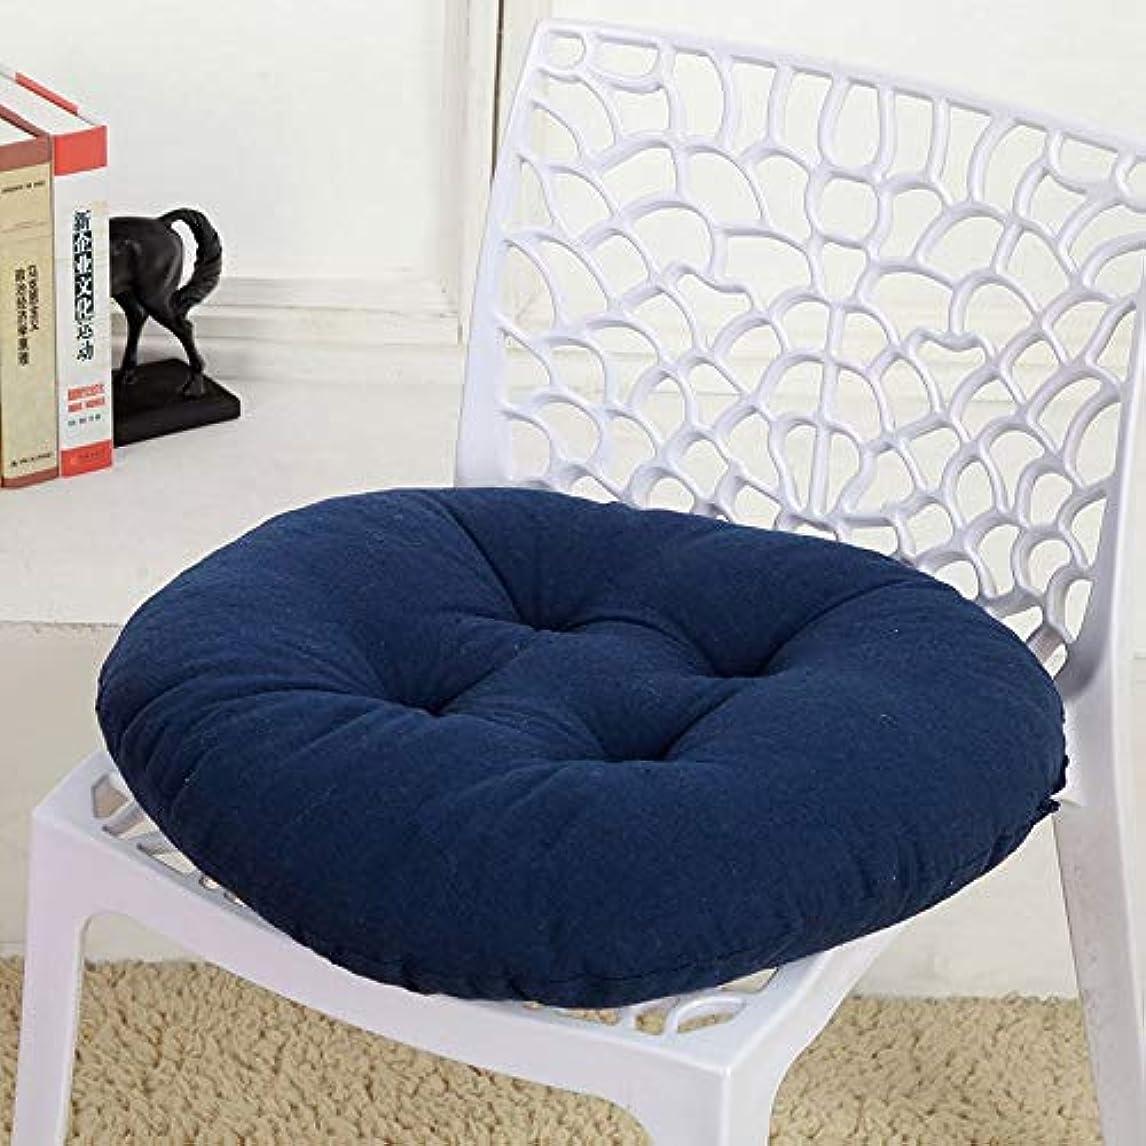 割り込み冷淡なテナントLIFE キャンディカラーのクッションラウンドシートクッション波ウィンドウシートクッションクッション家の装飾パッドラウンド枕シート枕椅子座る枕 クッション 椅子